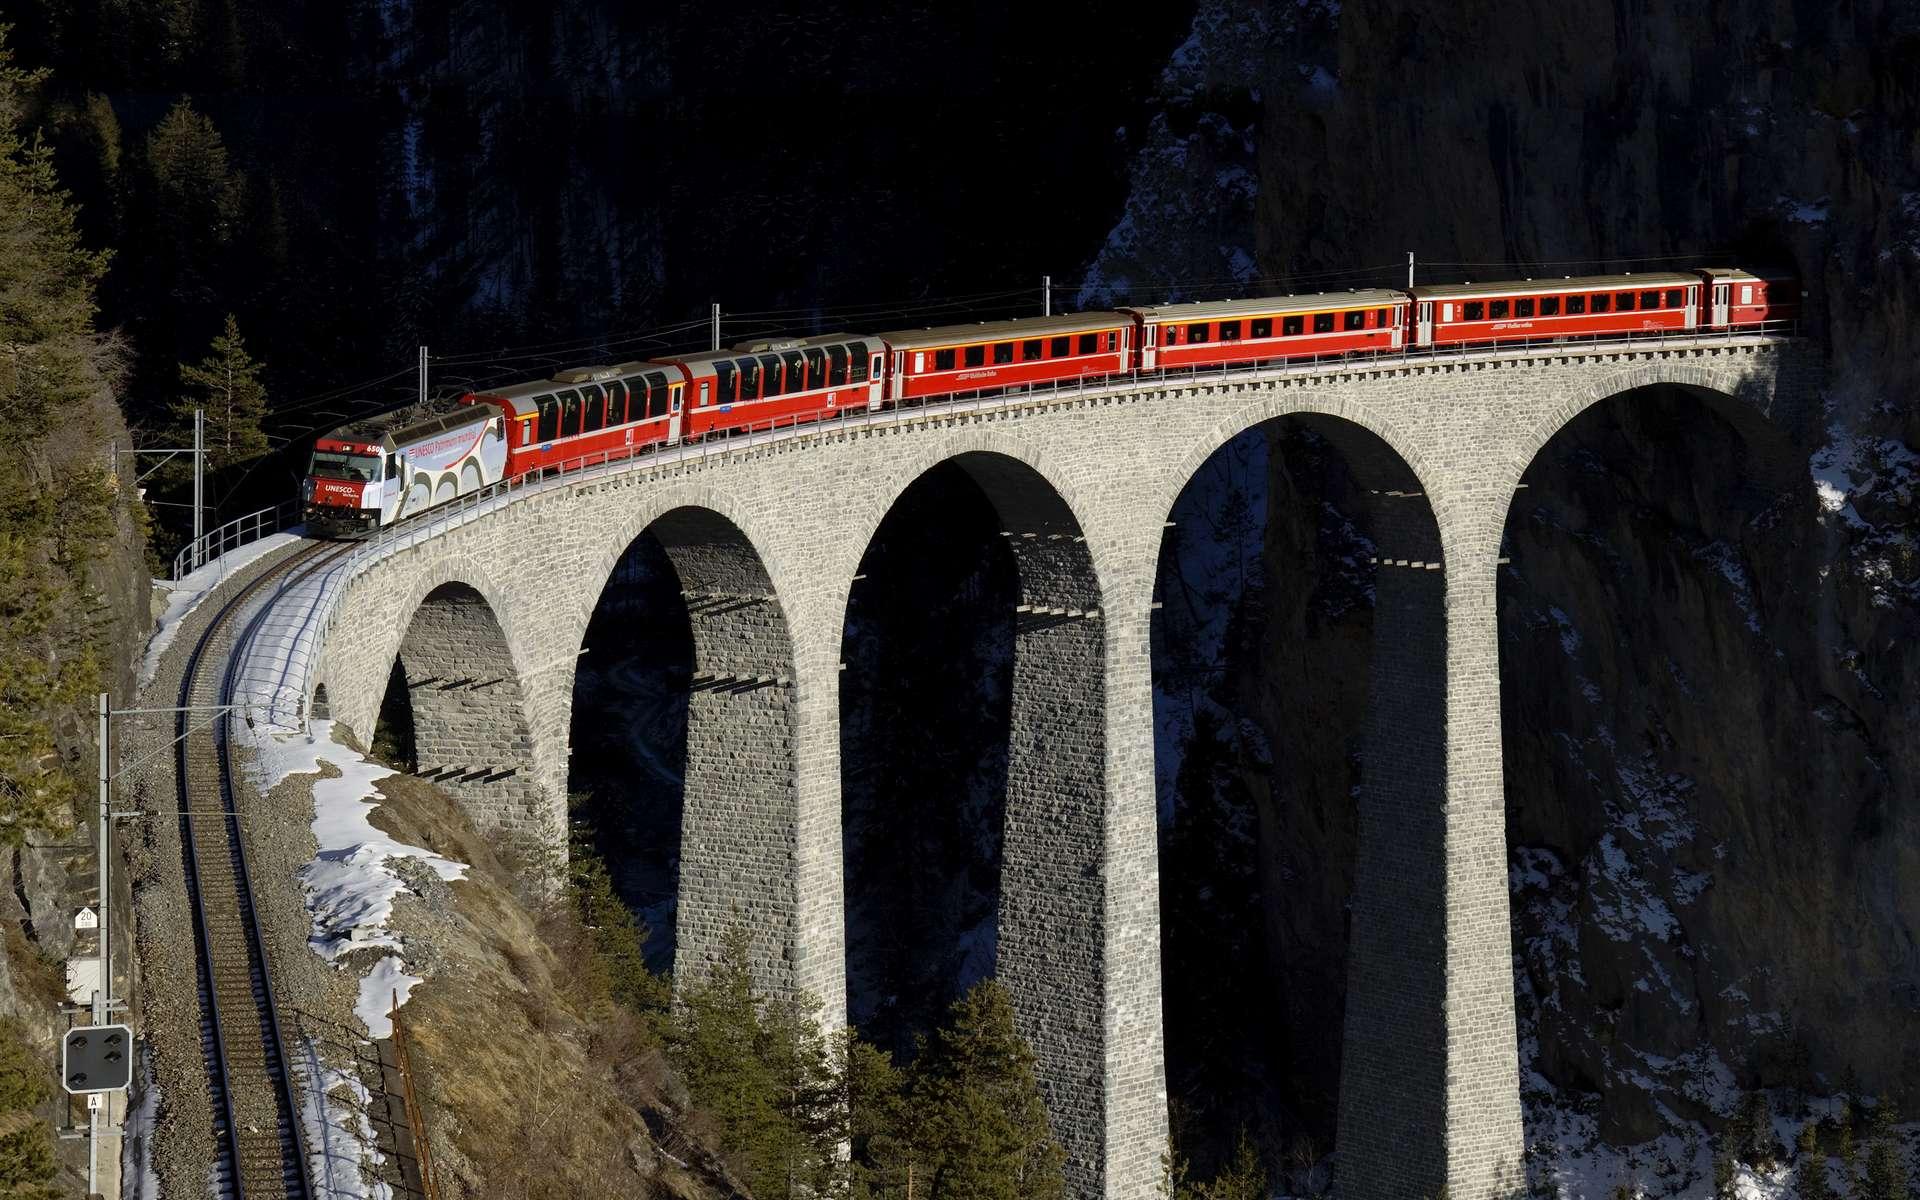 Le Bernina circule sur la ligne de l'Albula, et sur le viaduc de Landwasser, tous deux inscrits au patrimoine mondial de l'Unesco. Le pont, construit entre 1901 et 1903, fait 136 mètres de longueur et 65 mètres de hauteur. Kabelleger, David Gubler, Wikimedia Commons CC by-sa 3.0